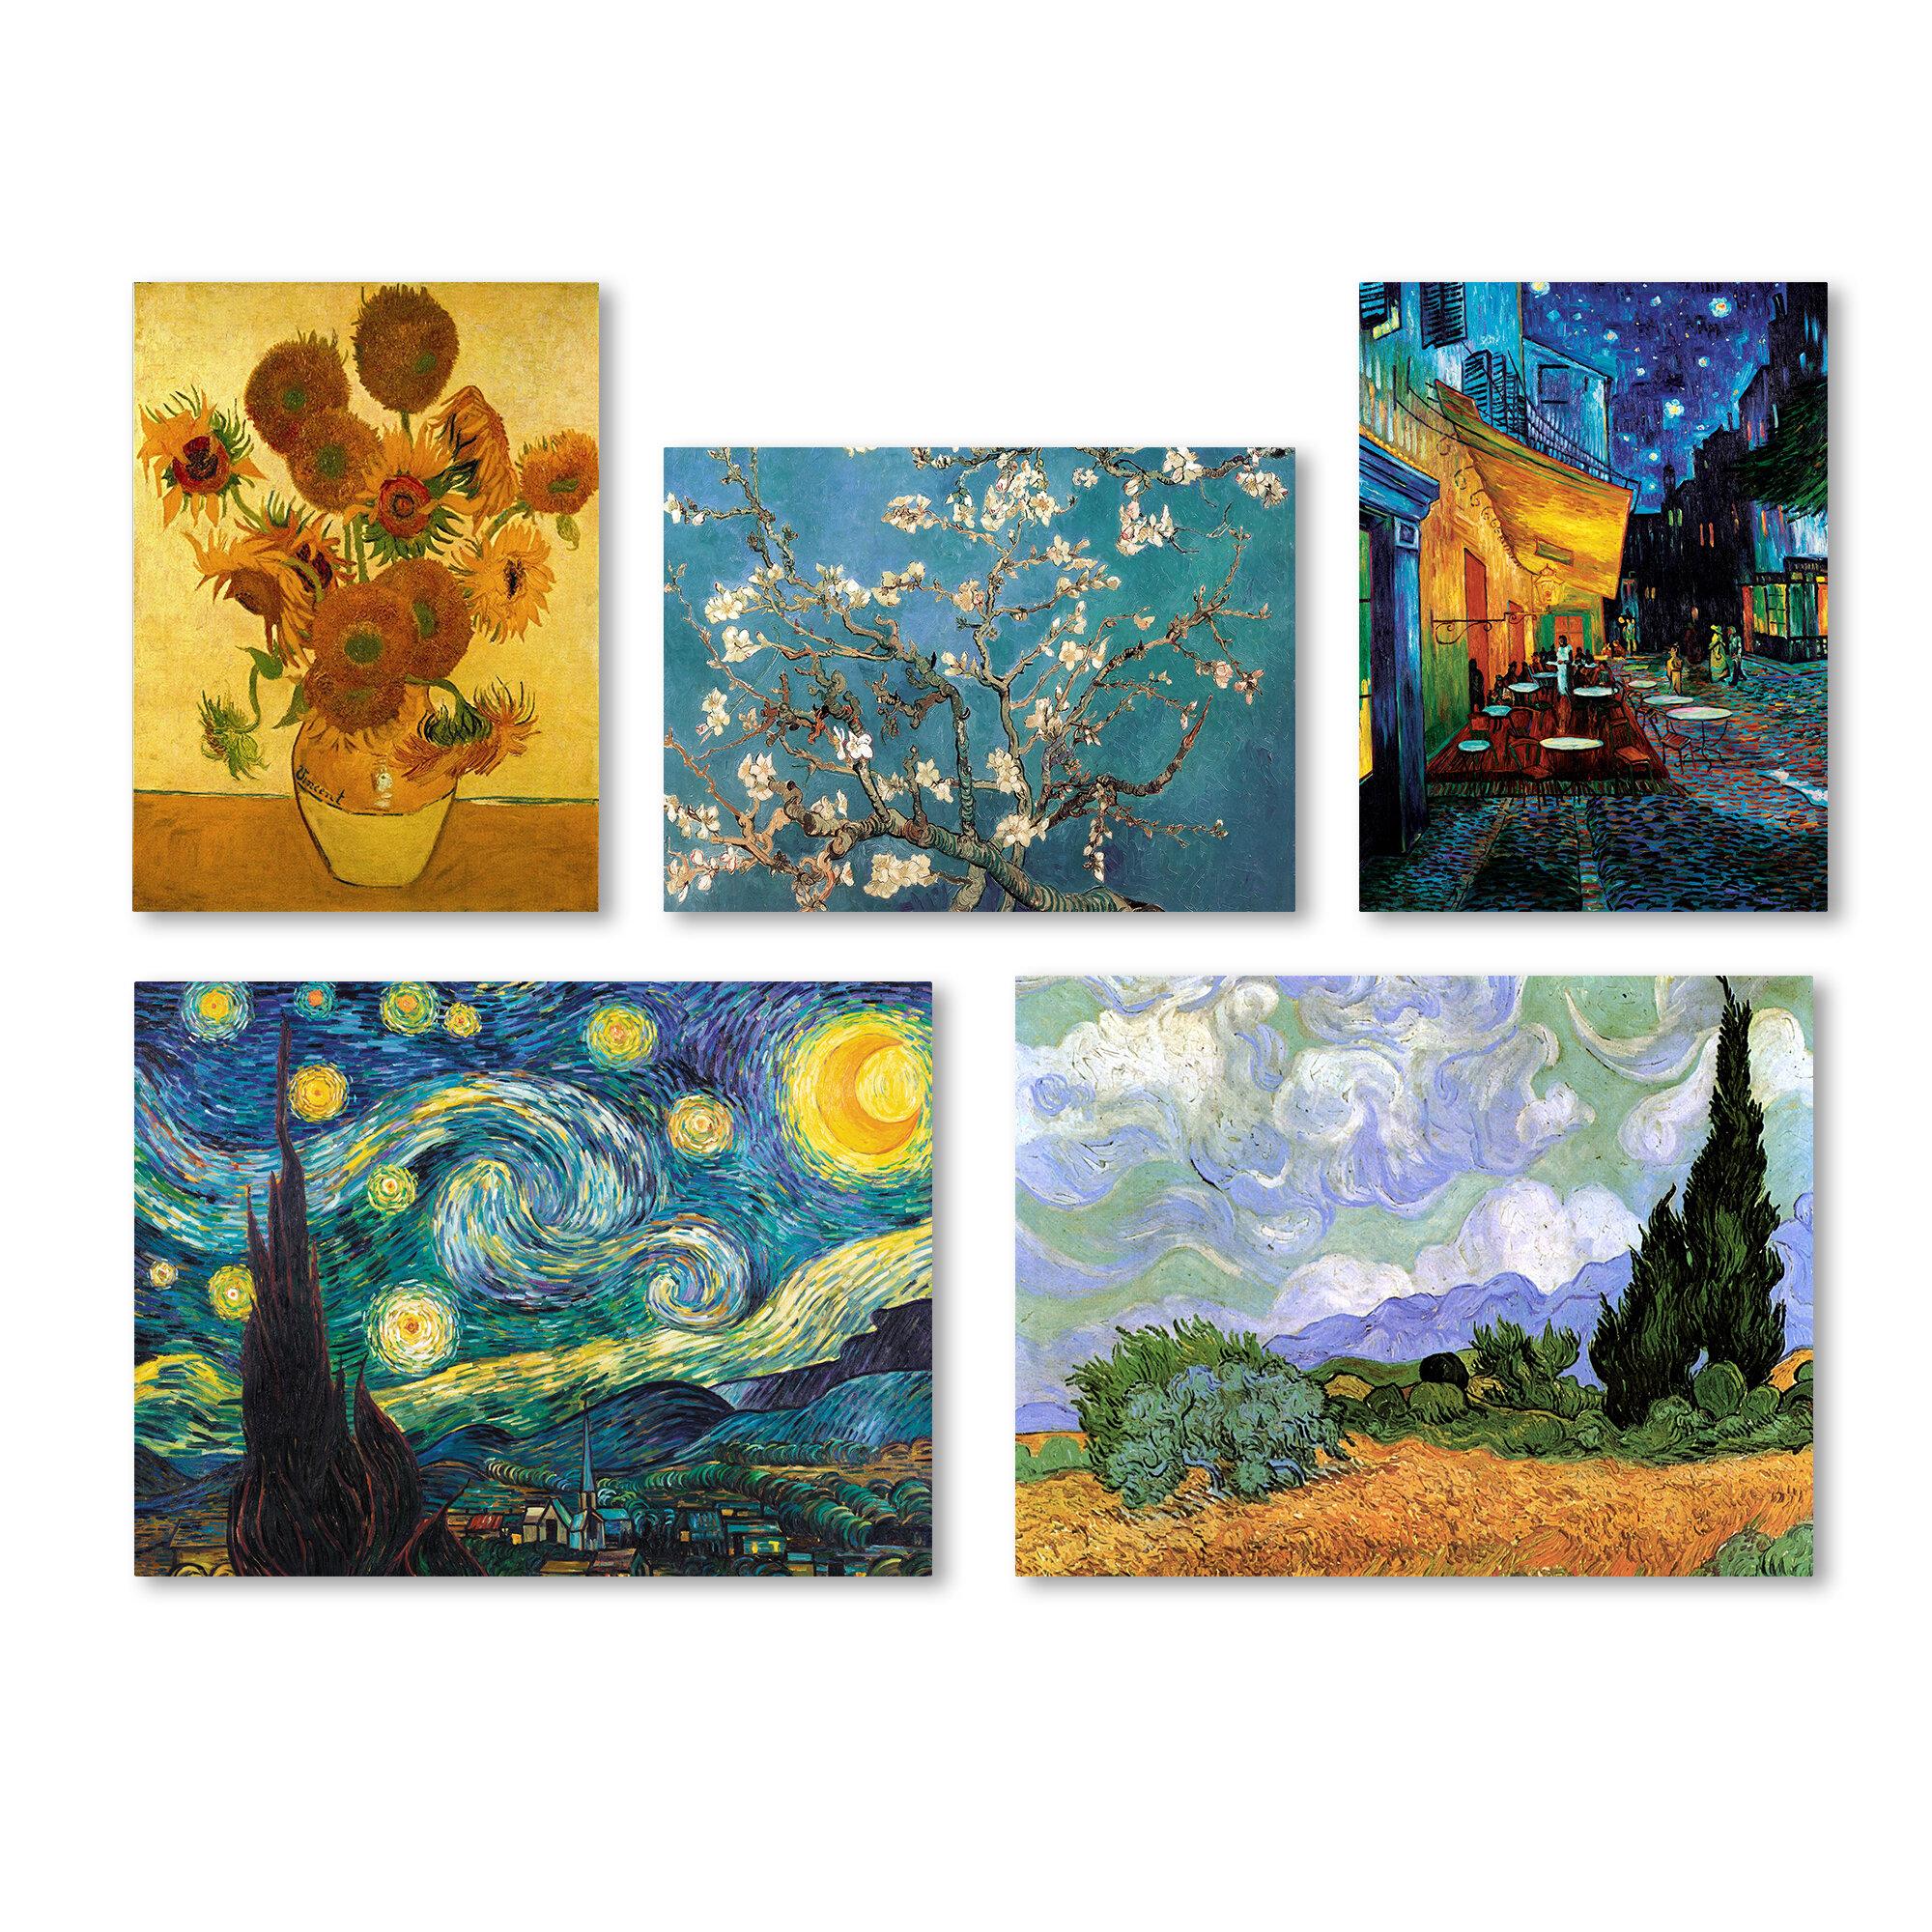 4 Piece Wall Art Sets You\'ll Love | Wayfair